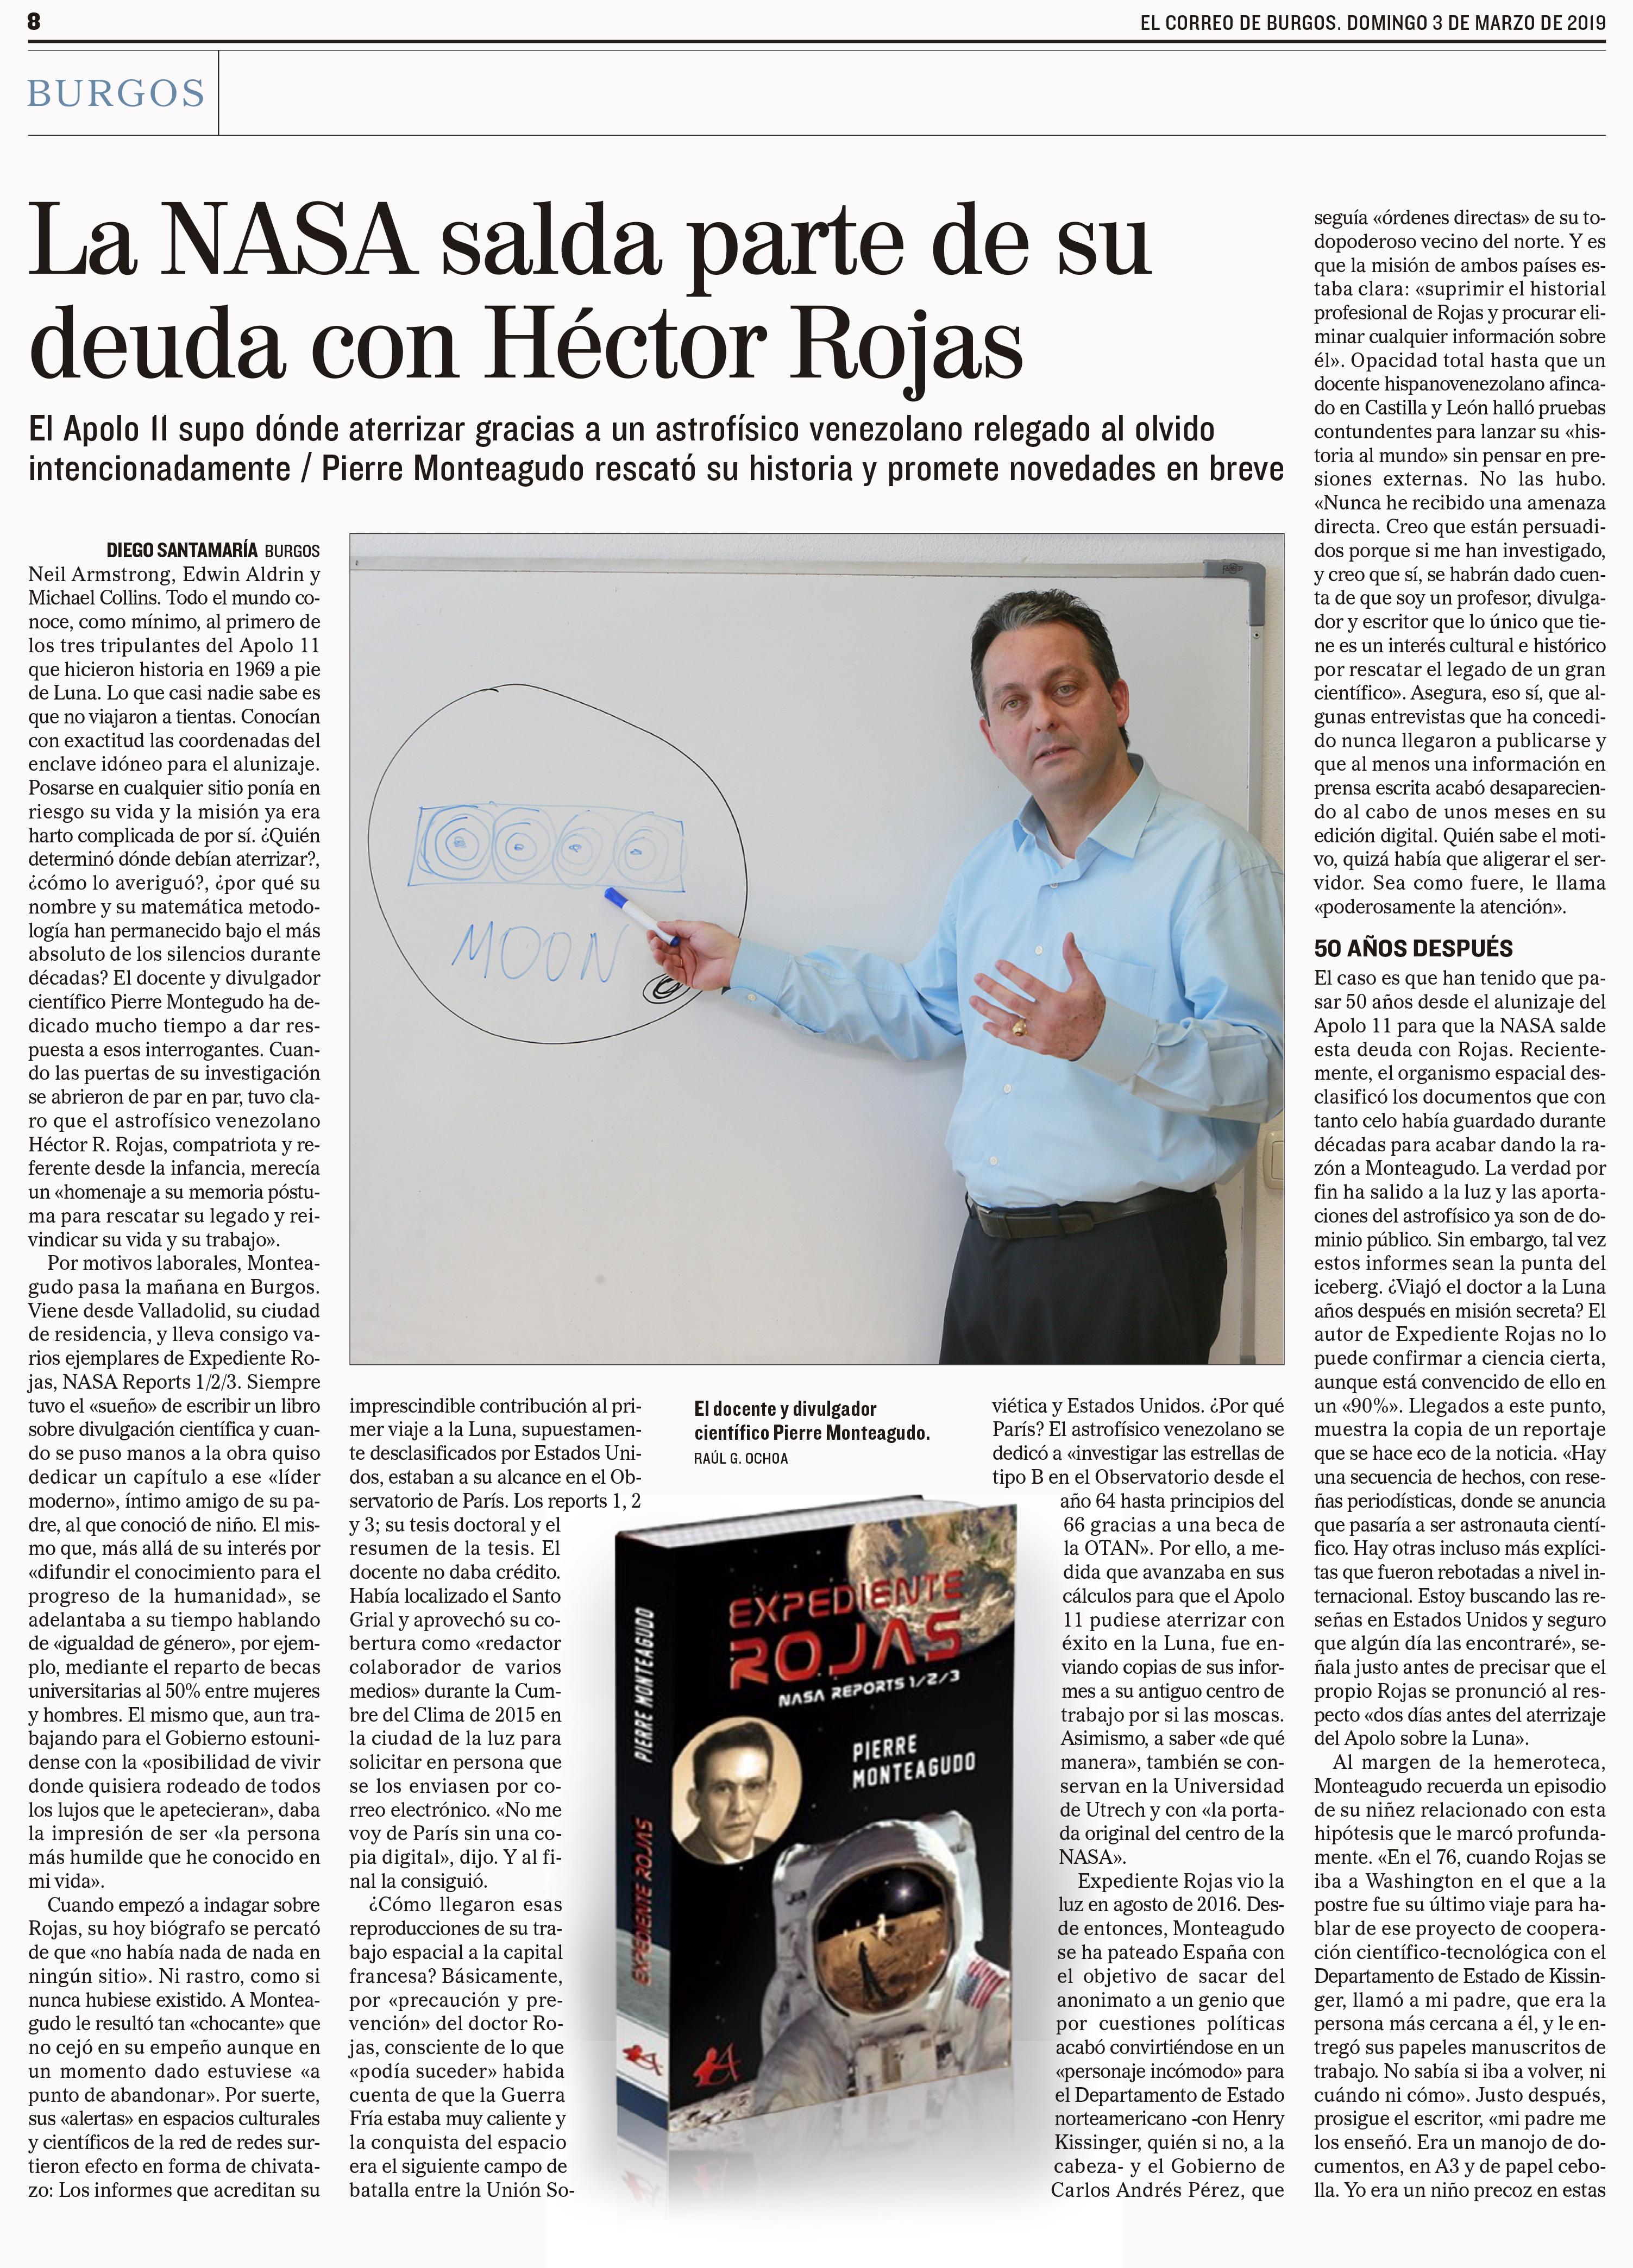 Artículo periodístico Expediente Rojas. Editorial Adarve, Editoriales de España